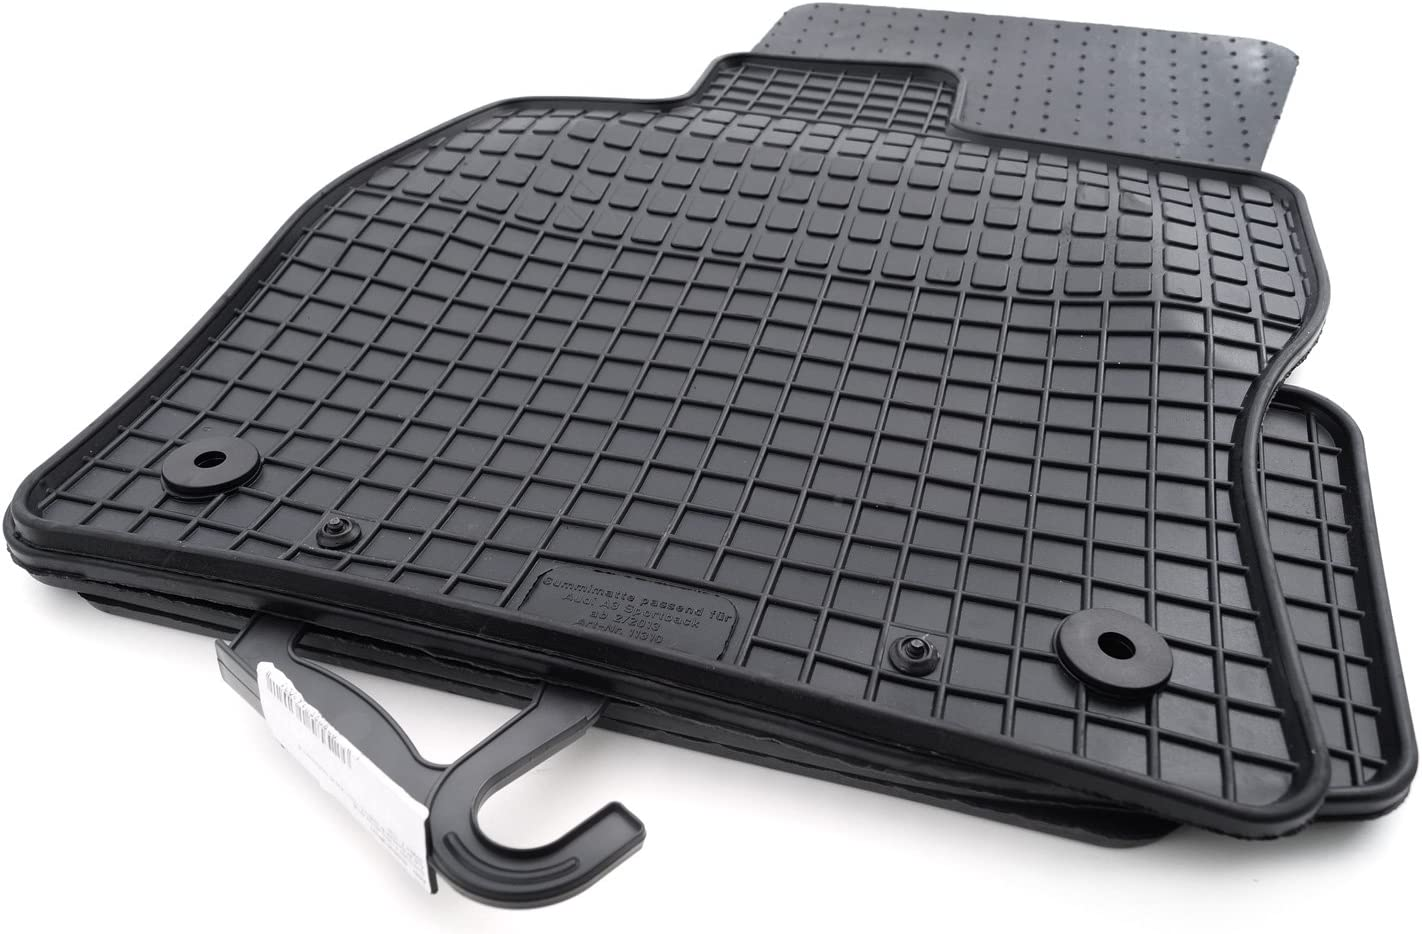 Kh Teile Gummimatten Passend Für A3 Qualität Gummi Fußmatten 4 Teilig Schwarz Auto